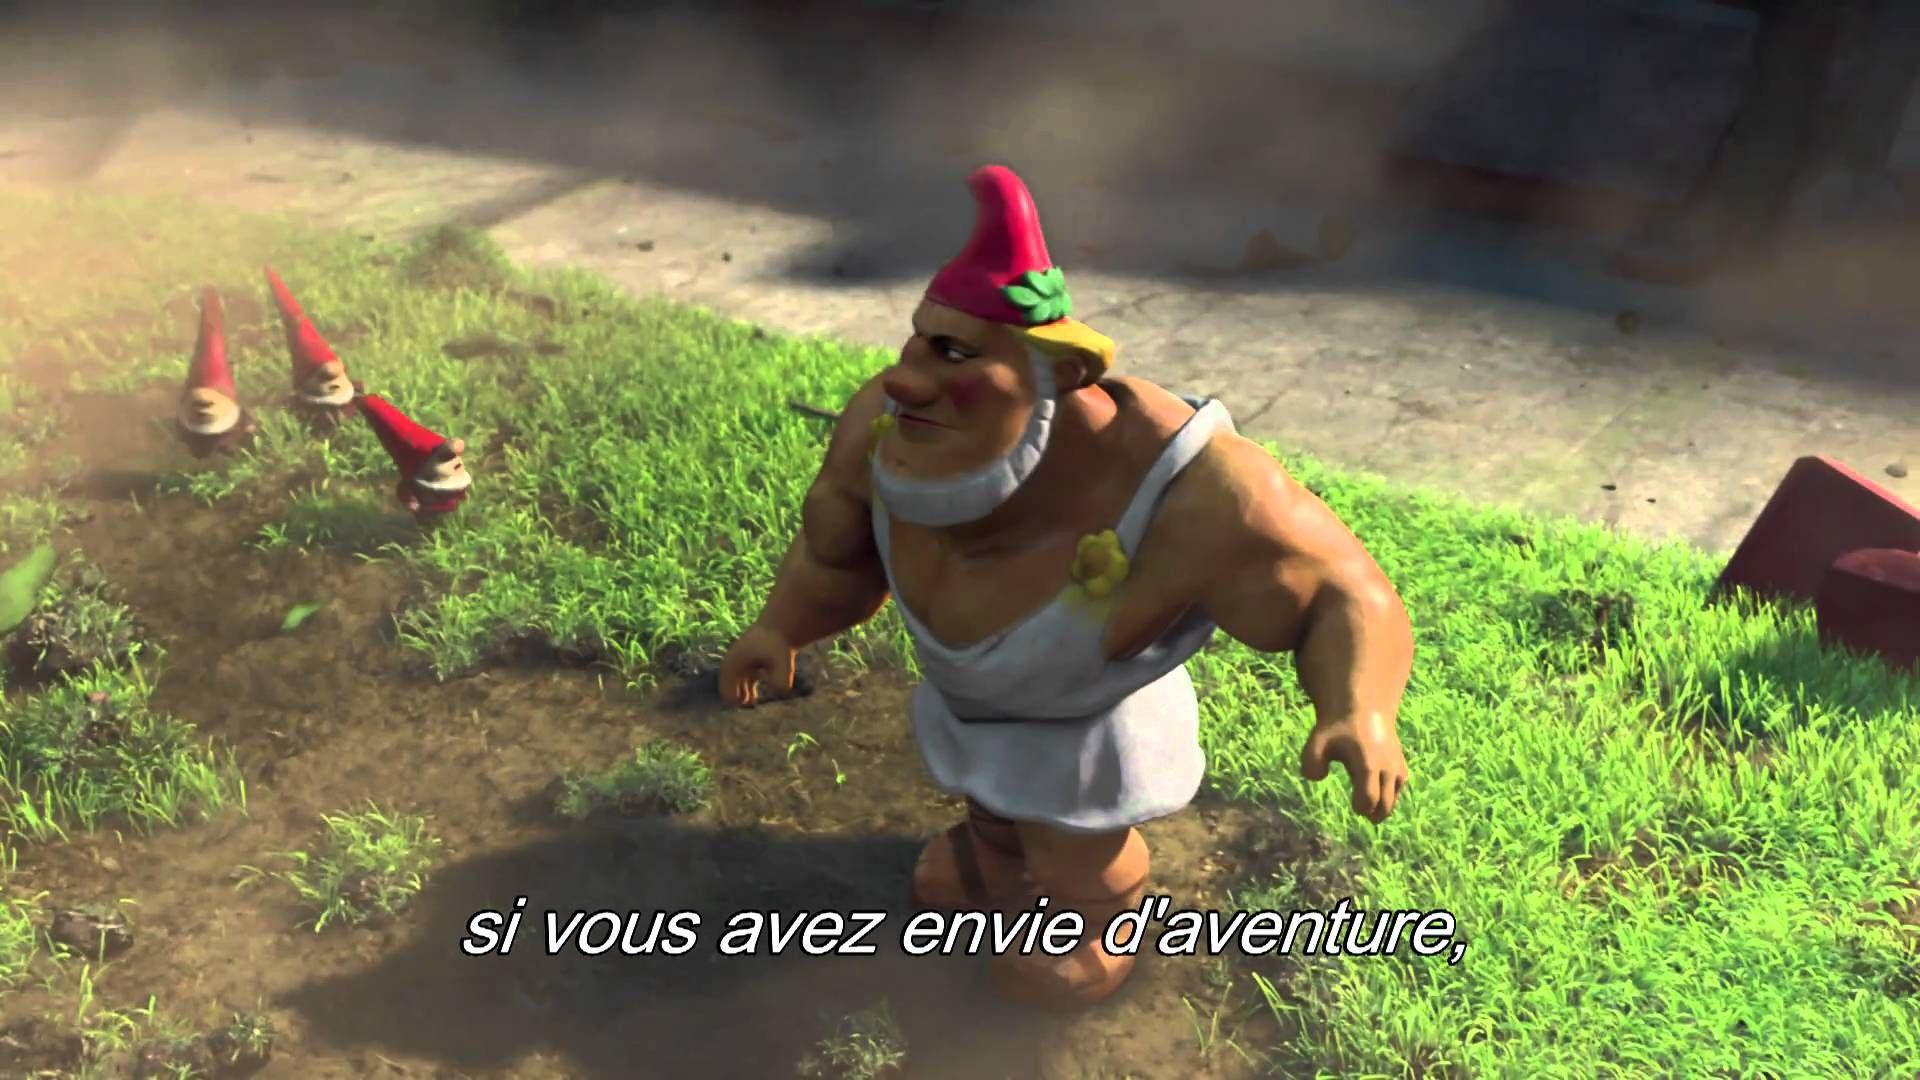 Gnomeo et Juliette - Bande annonce